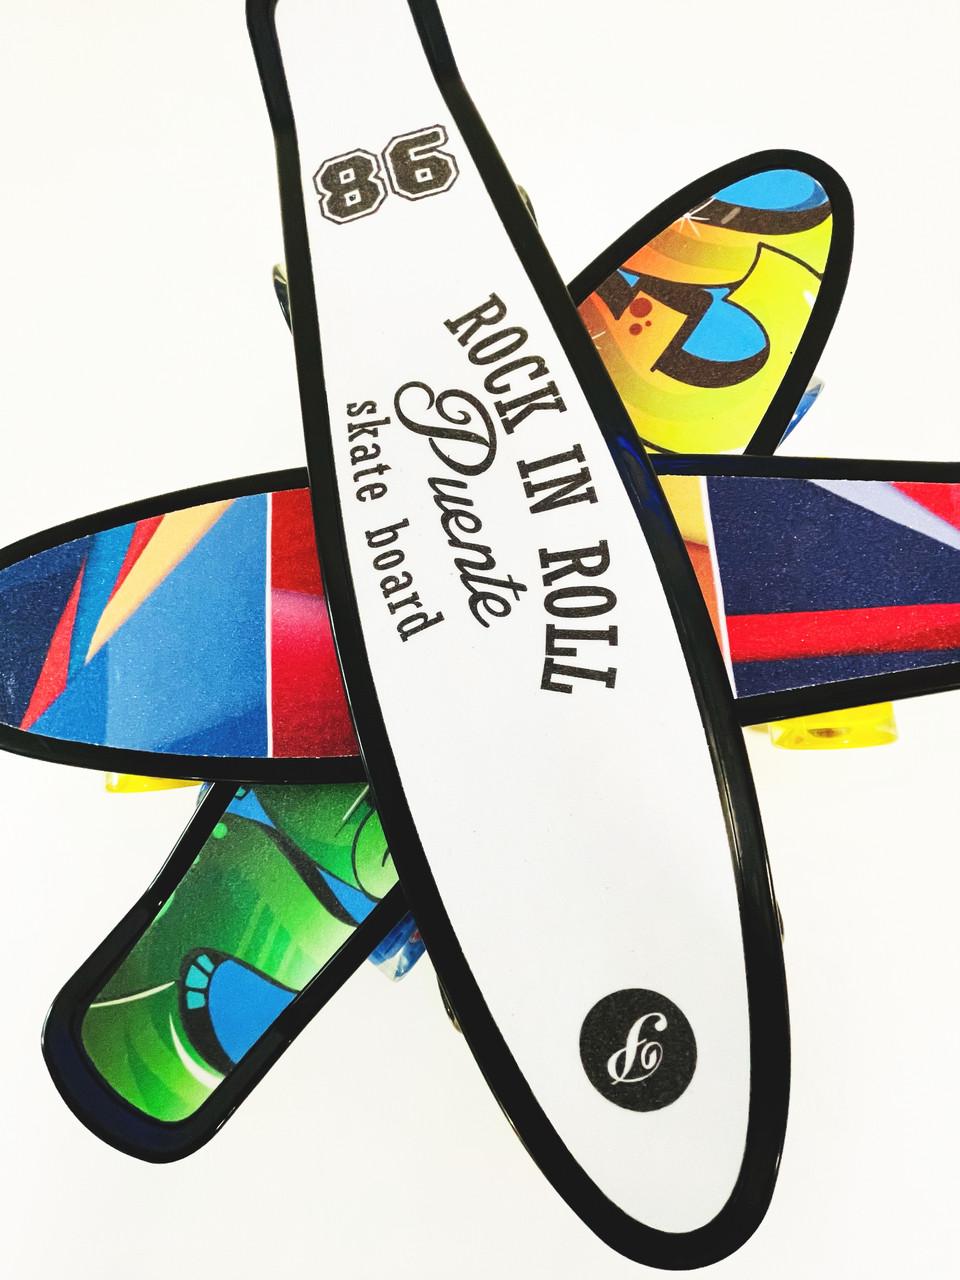 Скейт Пенни борд S 00635 Best Board дека 56 см